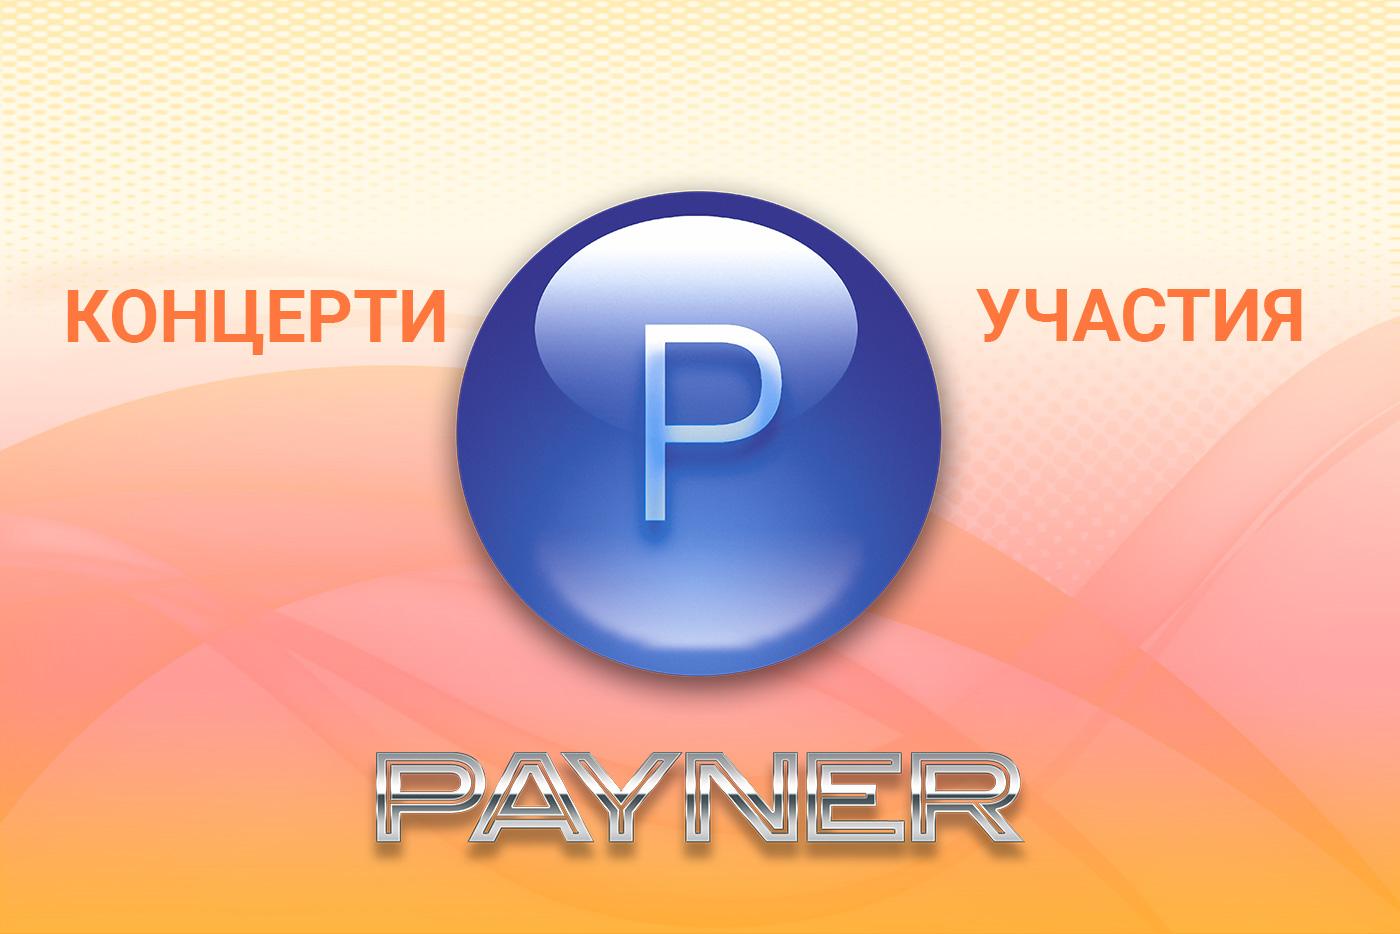 """Участия на звездите на """"Пайнер"""" на 14.06.2019"""